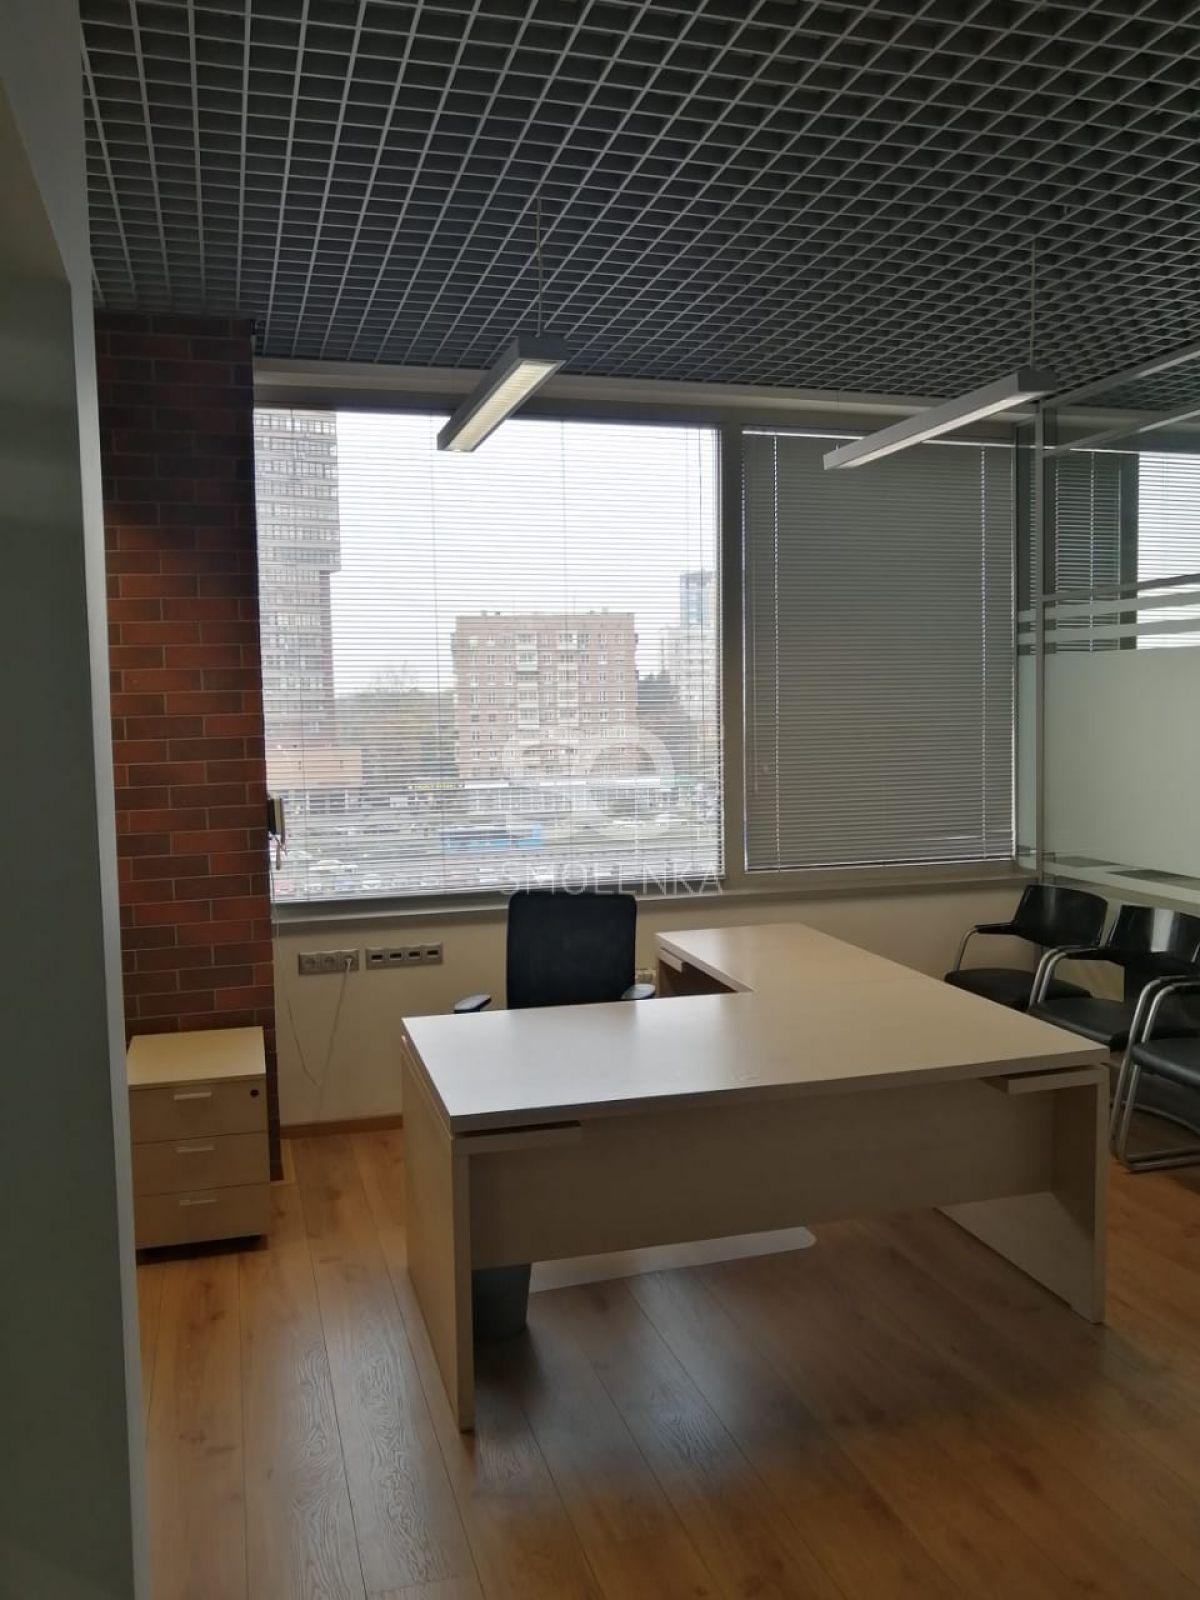 Аренда офиса, площадь 450.3 кв.м., 5 этаж, Яблочкова ул, 21к3, район Тимирязевский